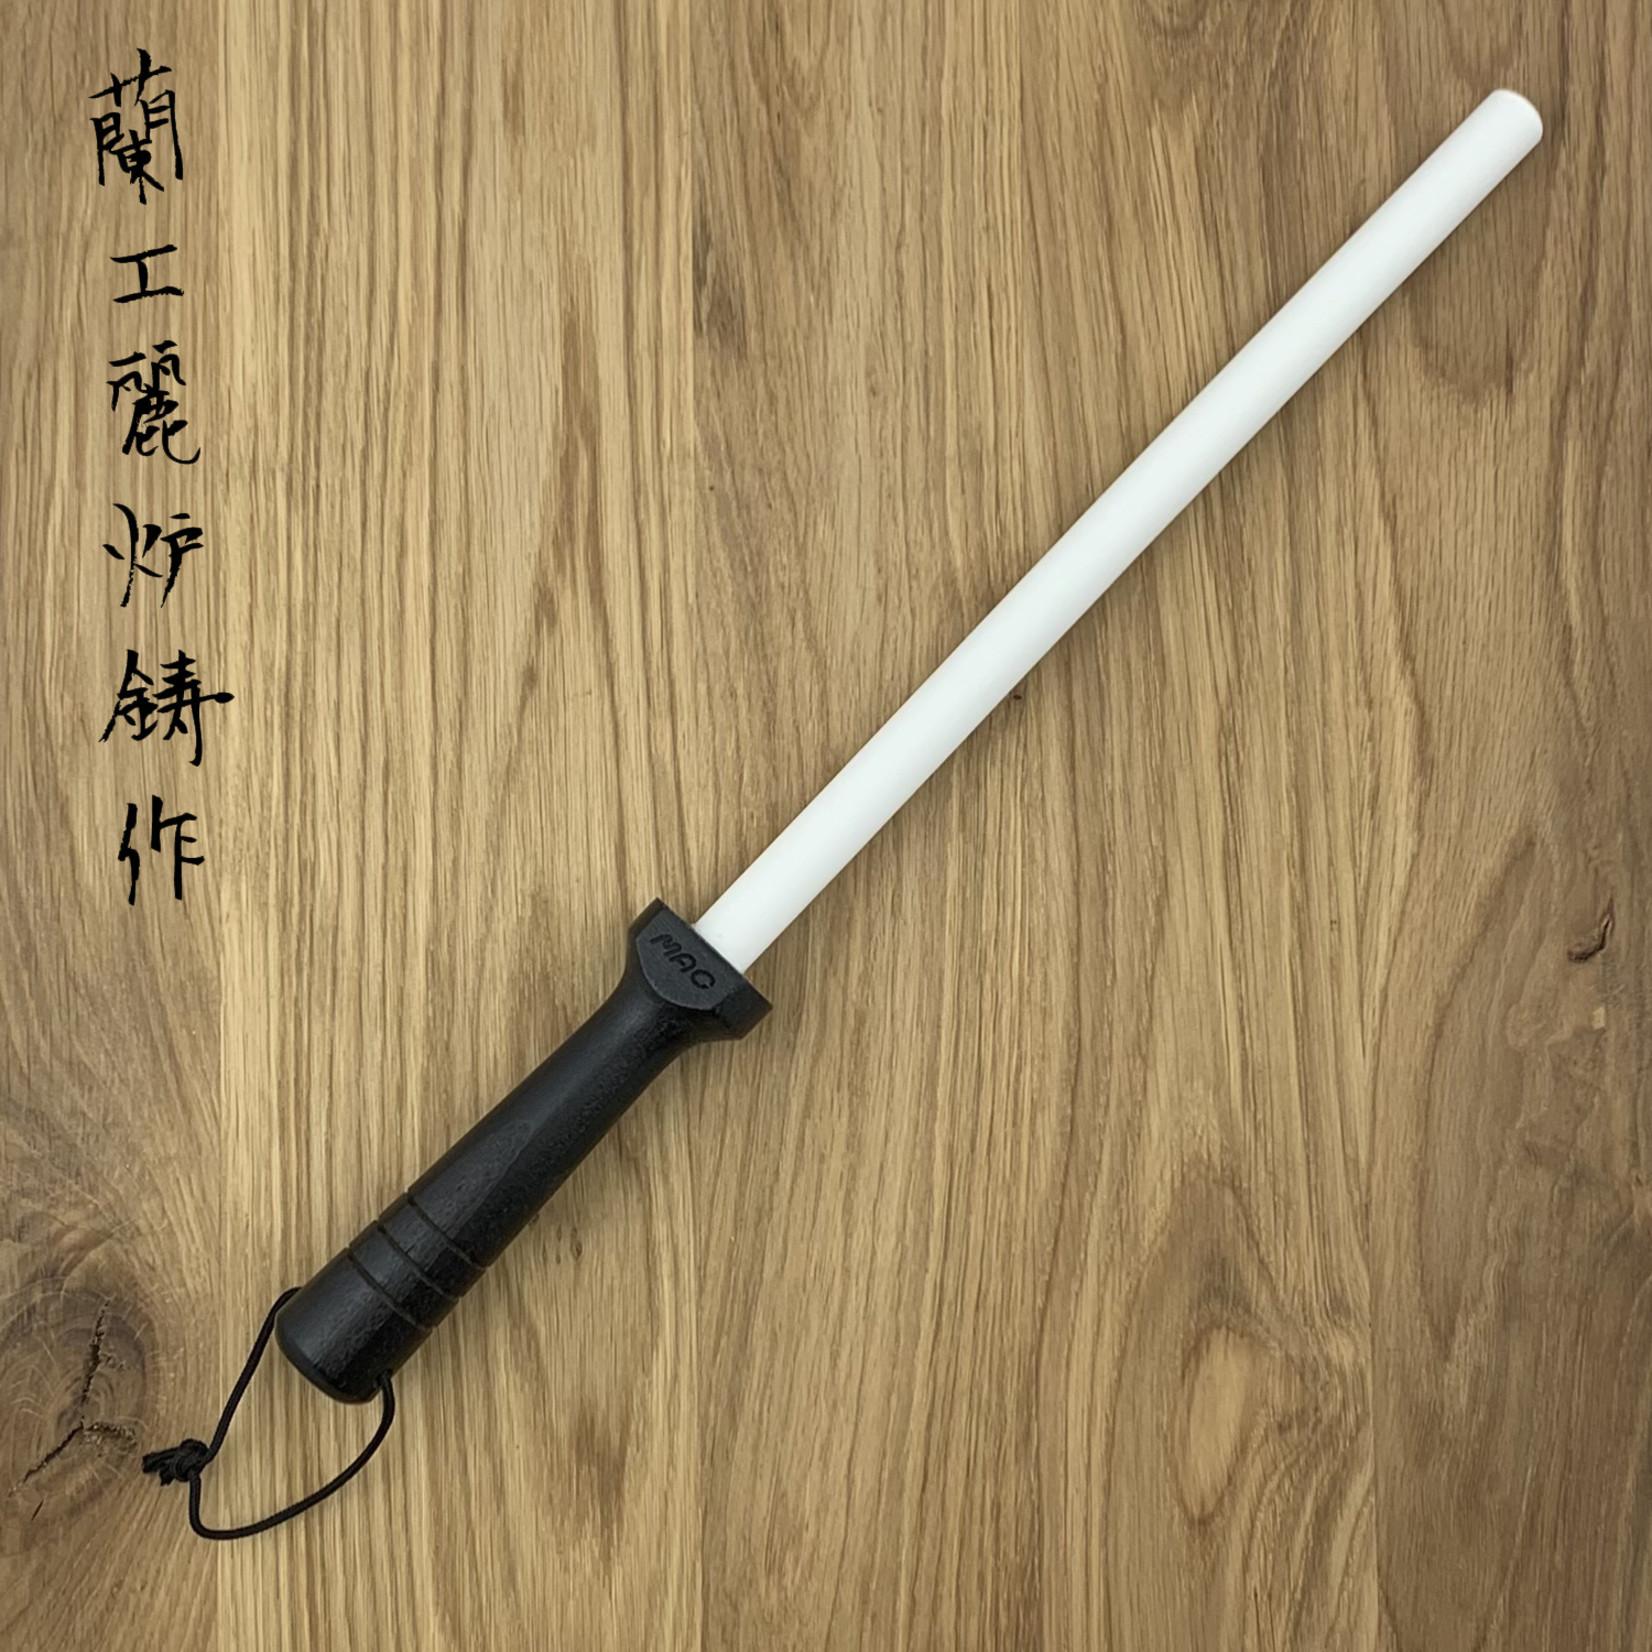 MAC  Sharpening rod SR 95 black